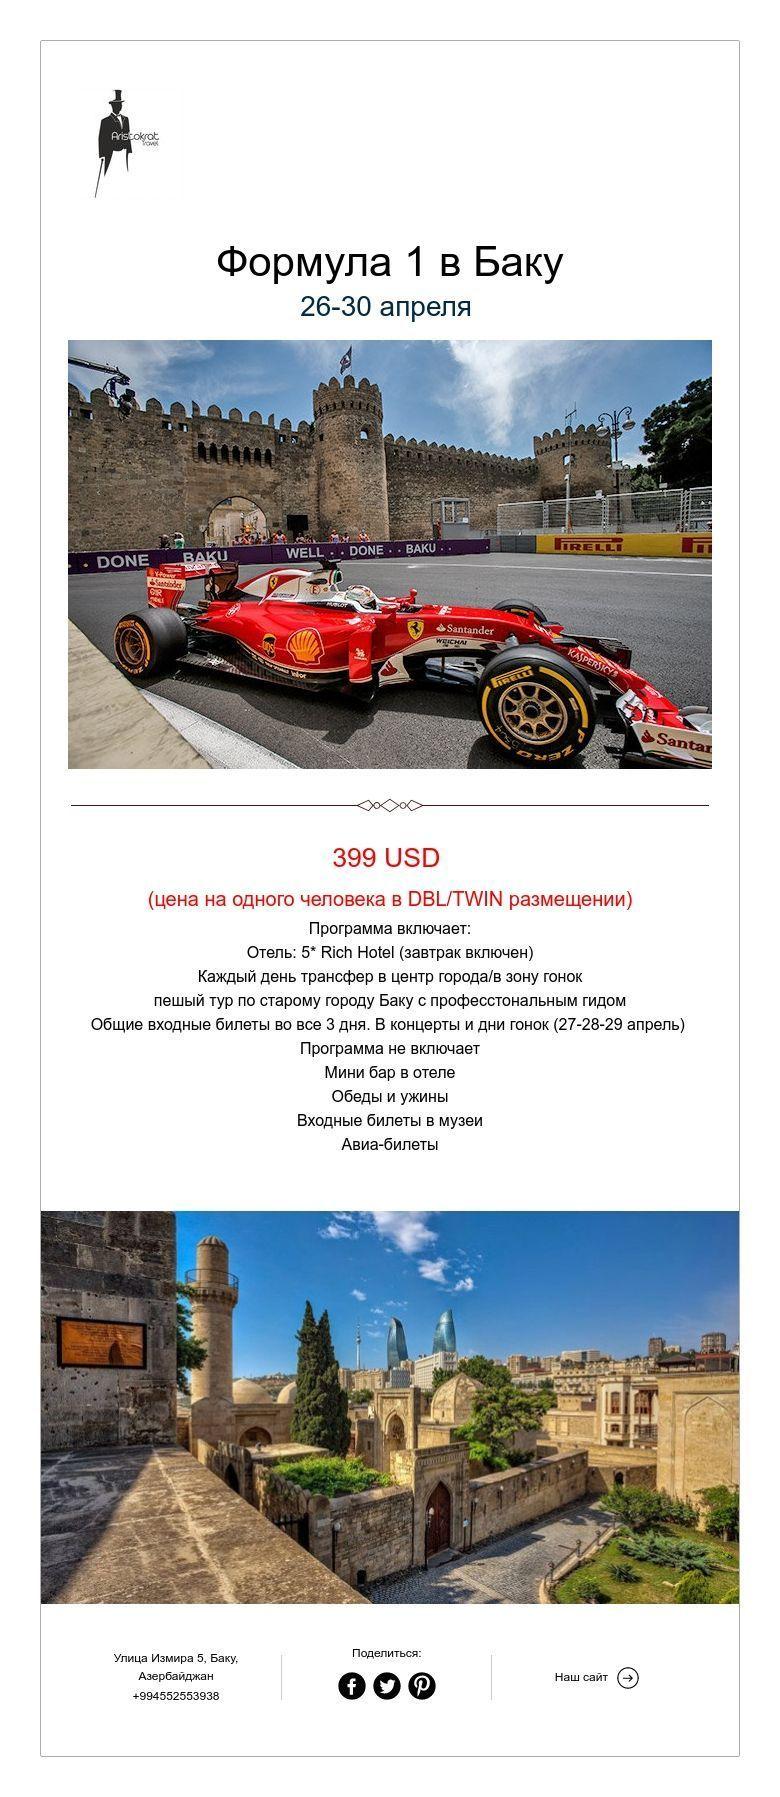 Formula 1 V Baku 26 30 Aprelya Travel Hotel Sci